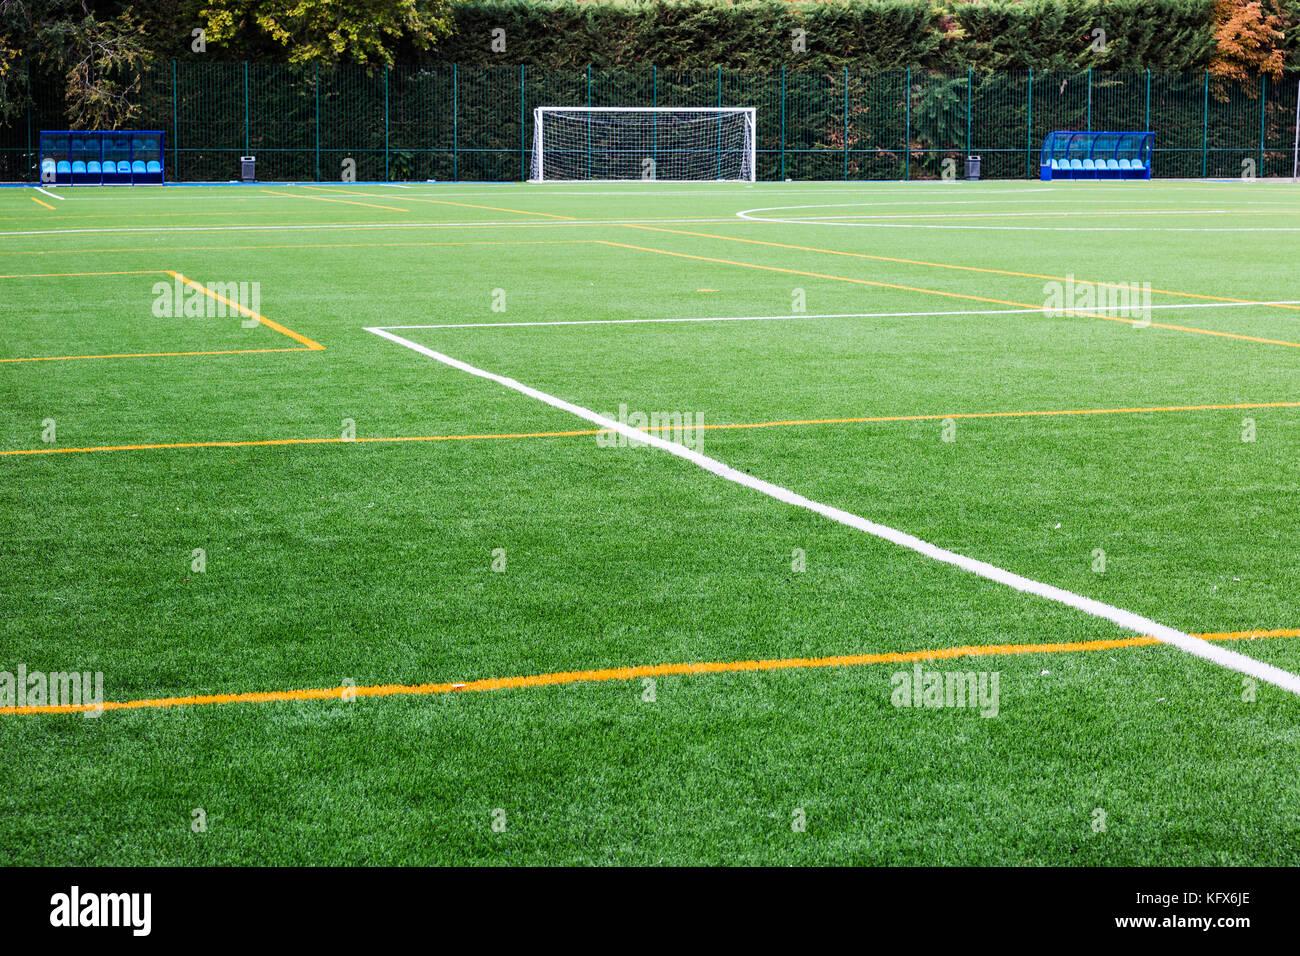 Vue sur le terrain de soccer avec des lignes peintes sur thegrass goalto et bas Photo Stock